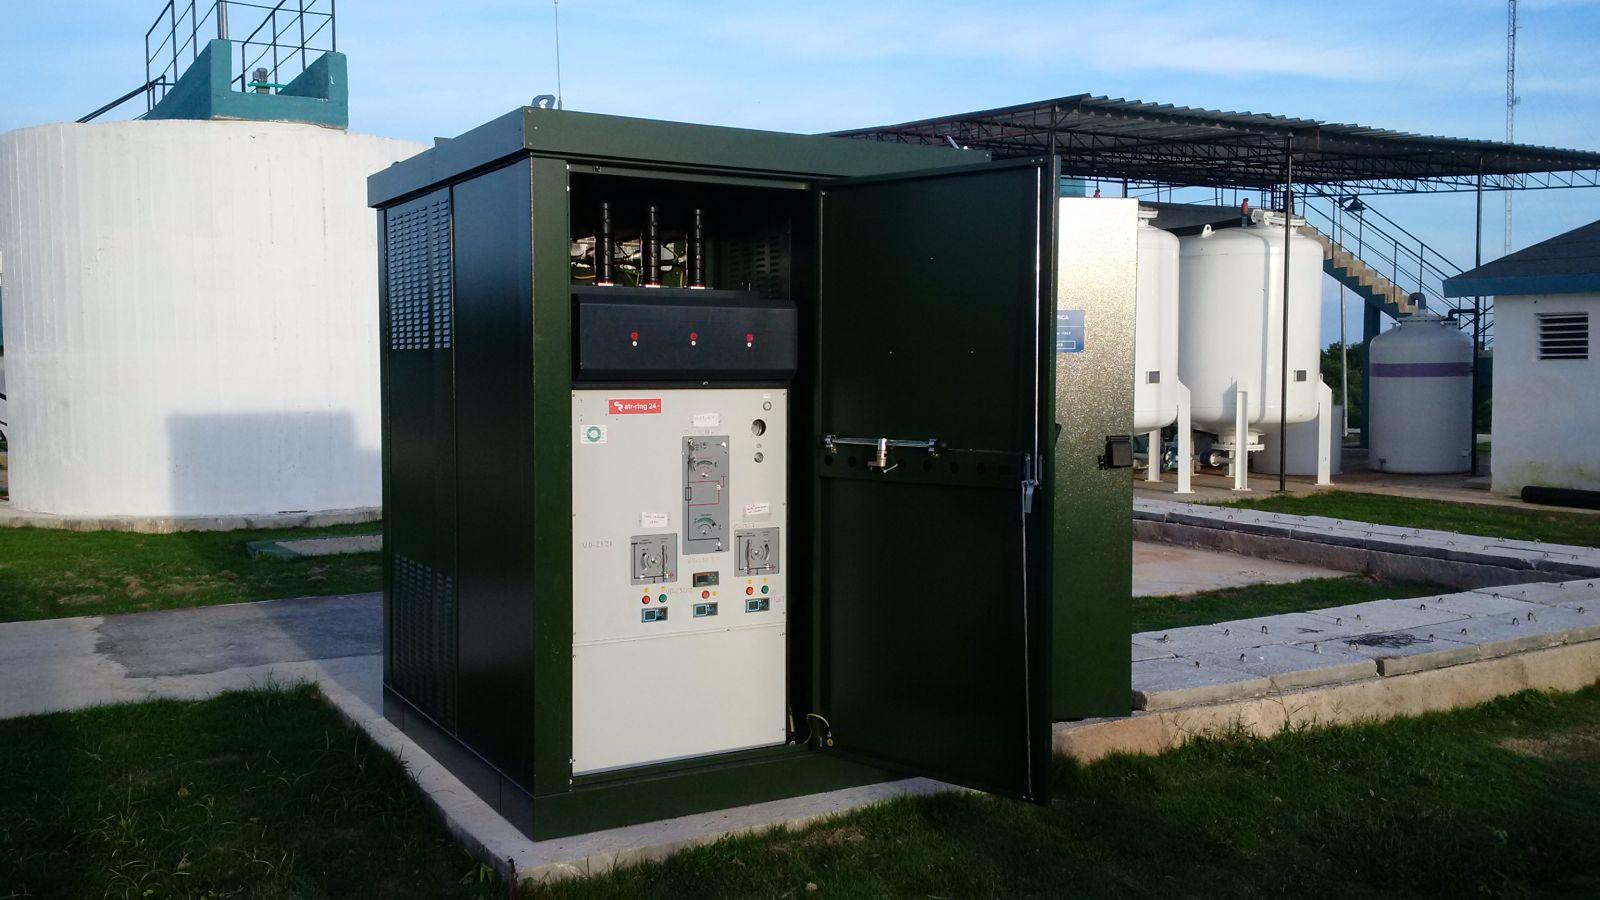 cabina eléctrica para la distribución secundaria